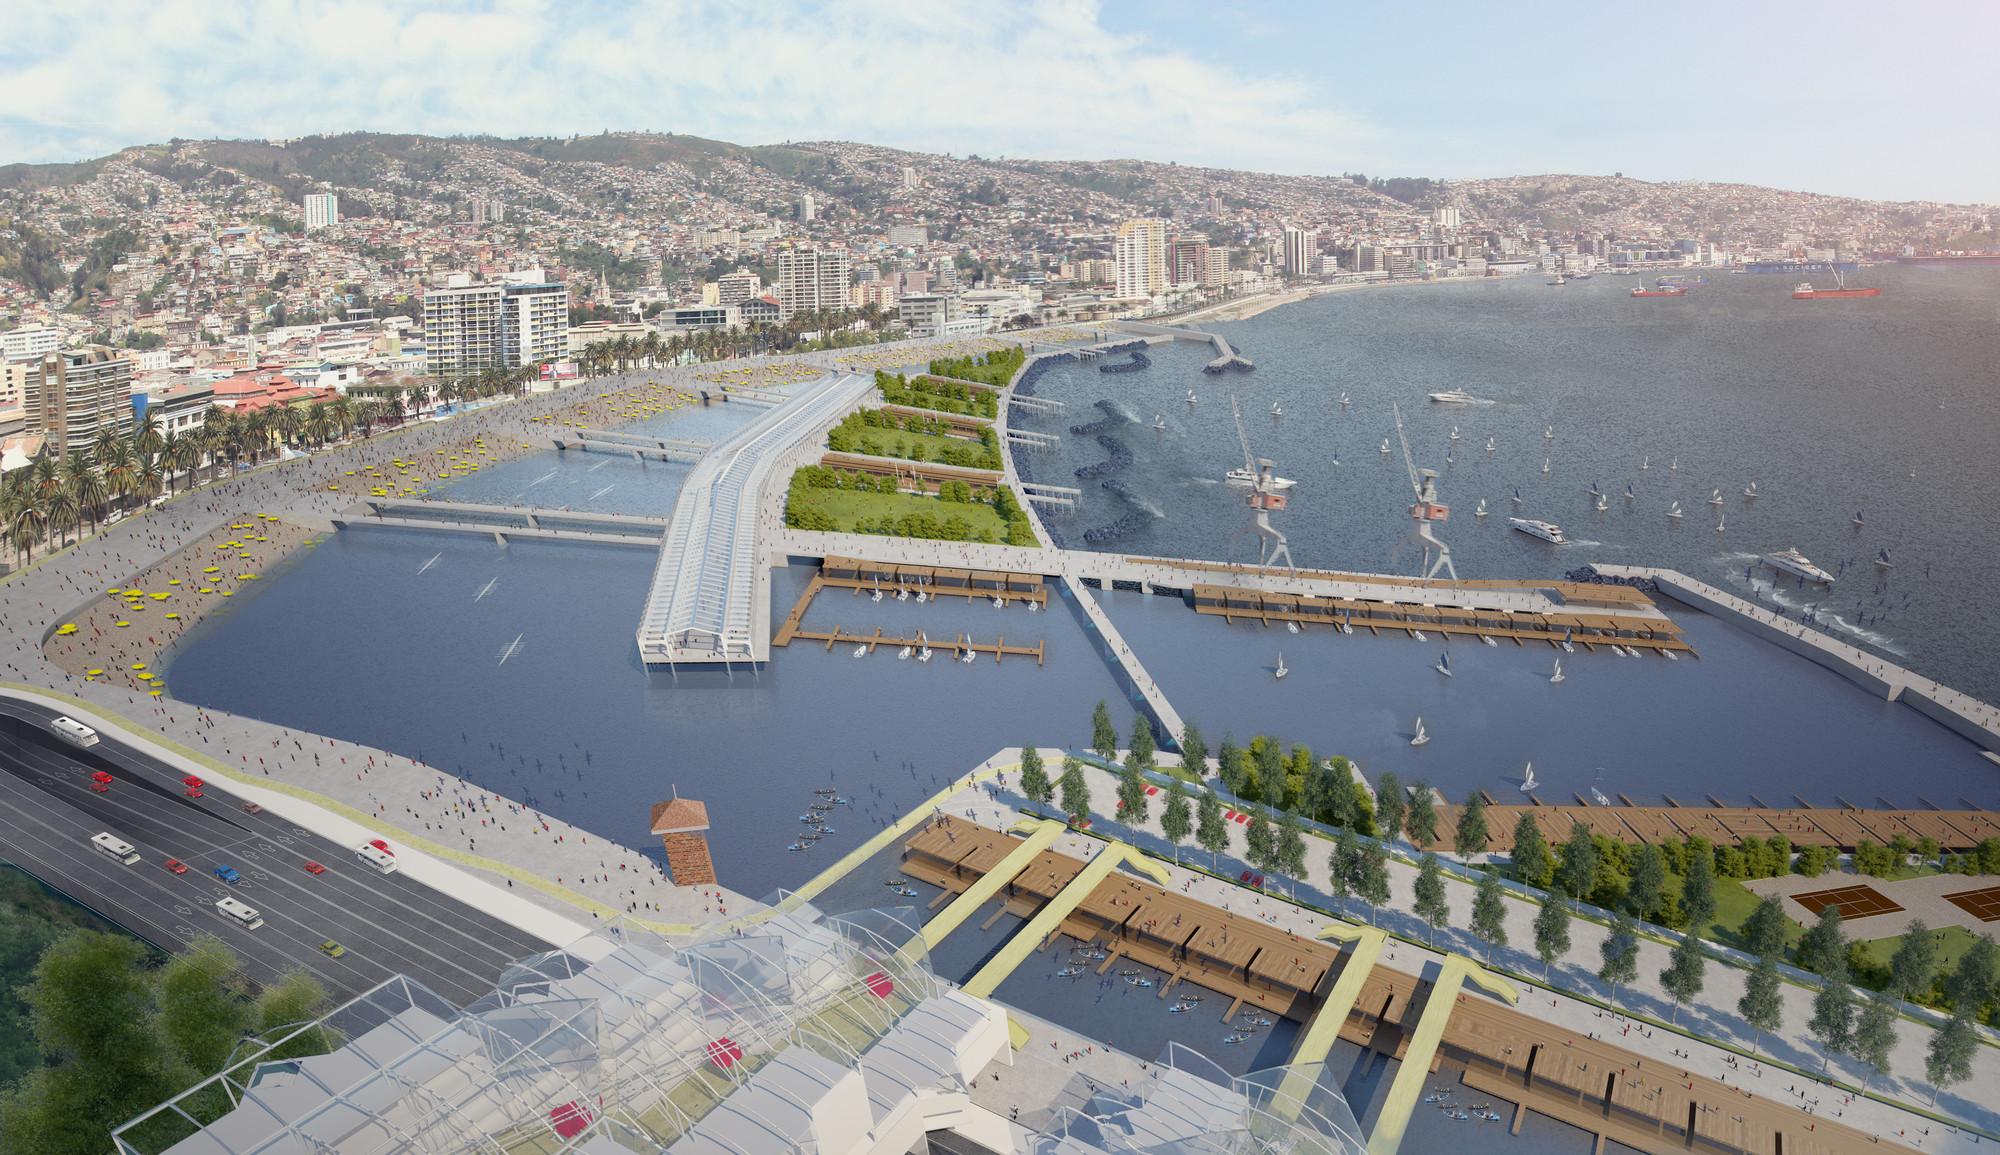 Anteproyecto Parque de Mar Puerto Barón. Image Cortesia de Boris Ivelic, Edison Segura y Pablo Vásquez